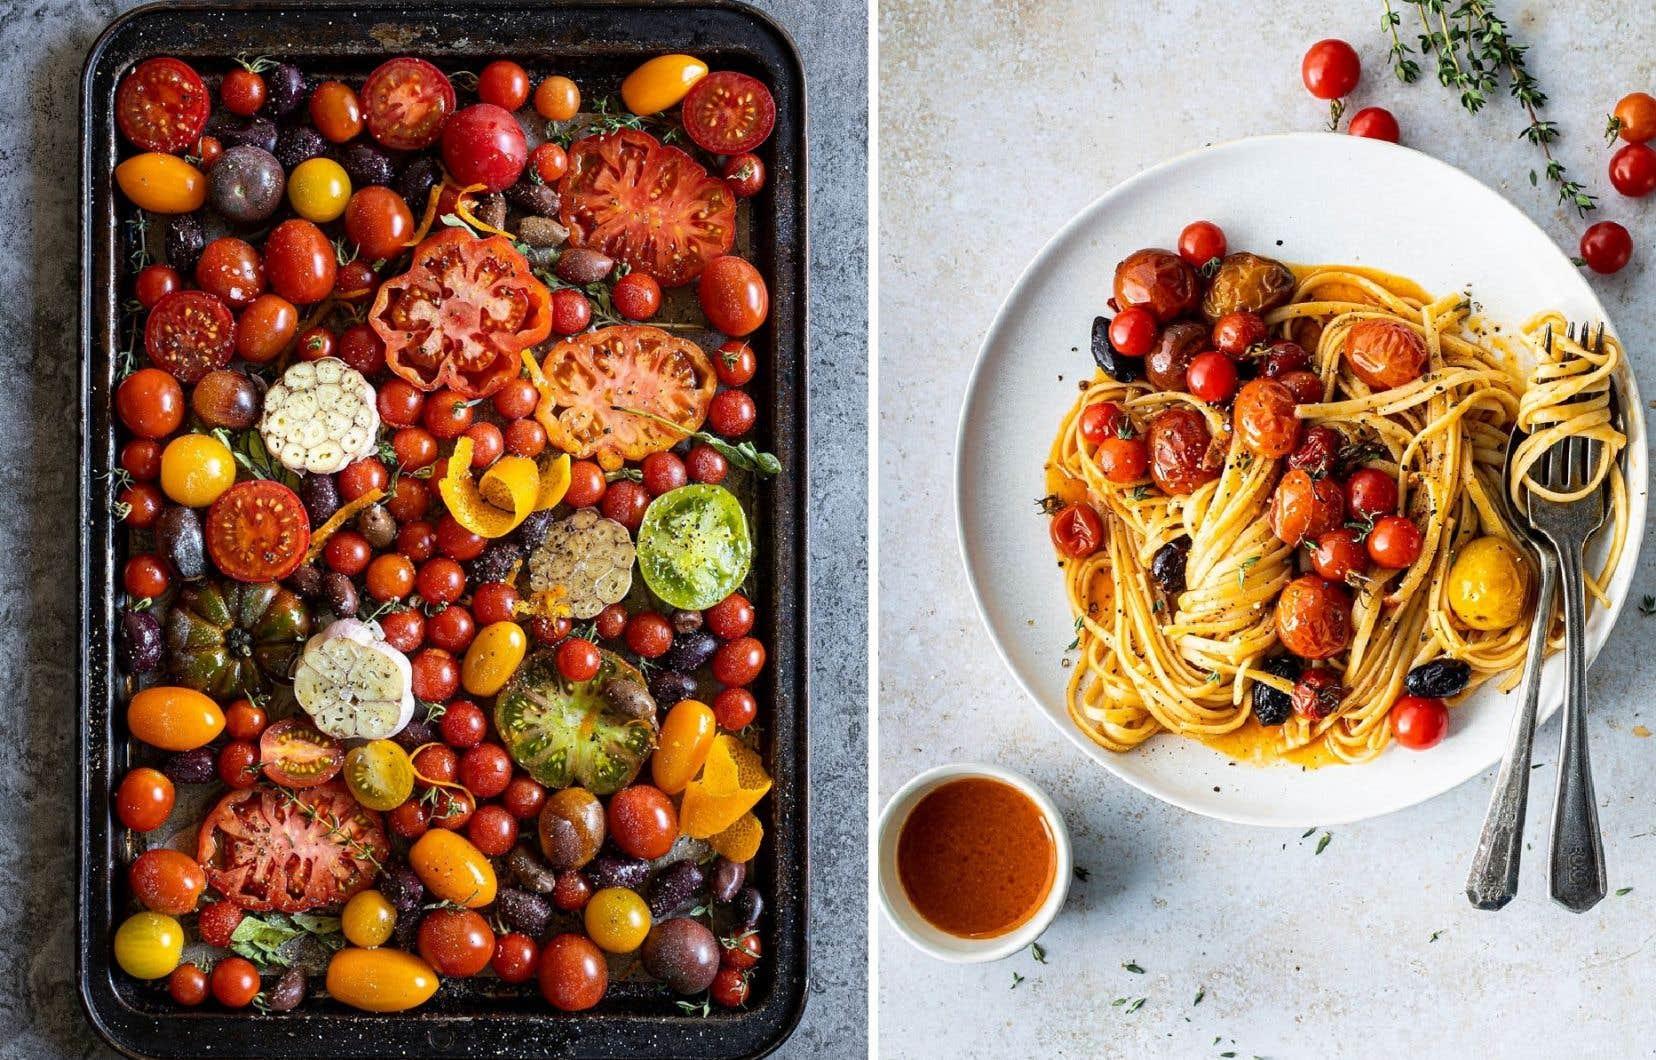 Les tomates confites peuvent être servies en accompagnement ou sur des pâtes, par exemple.